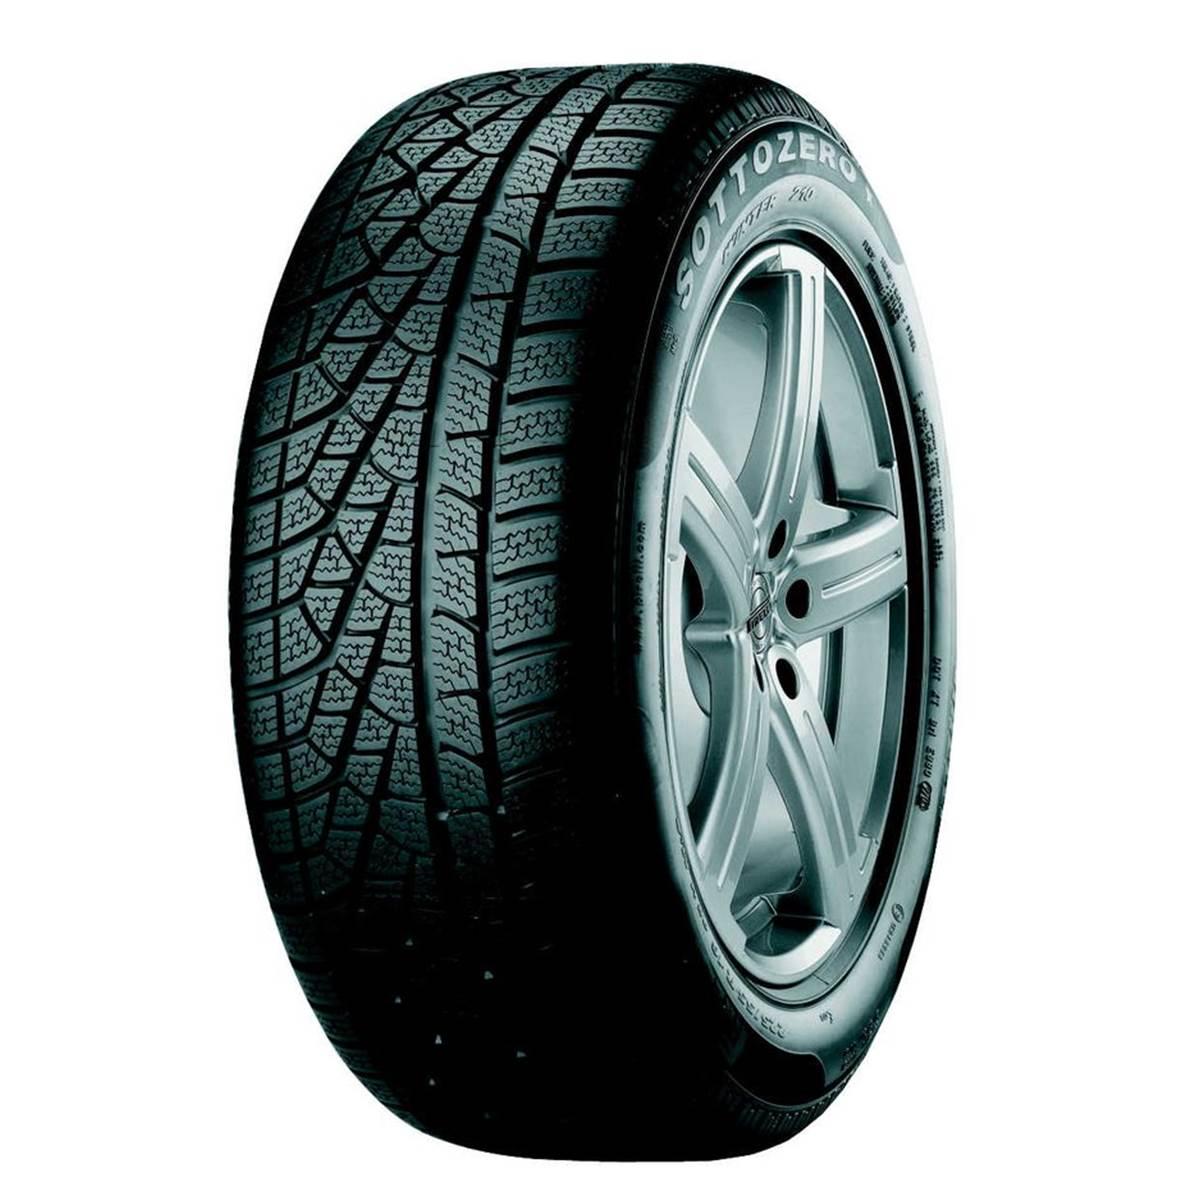 Pneu Hiver Pirelli 205/50R17 93H Winter Sottozero 3 XL